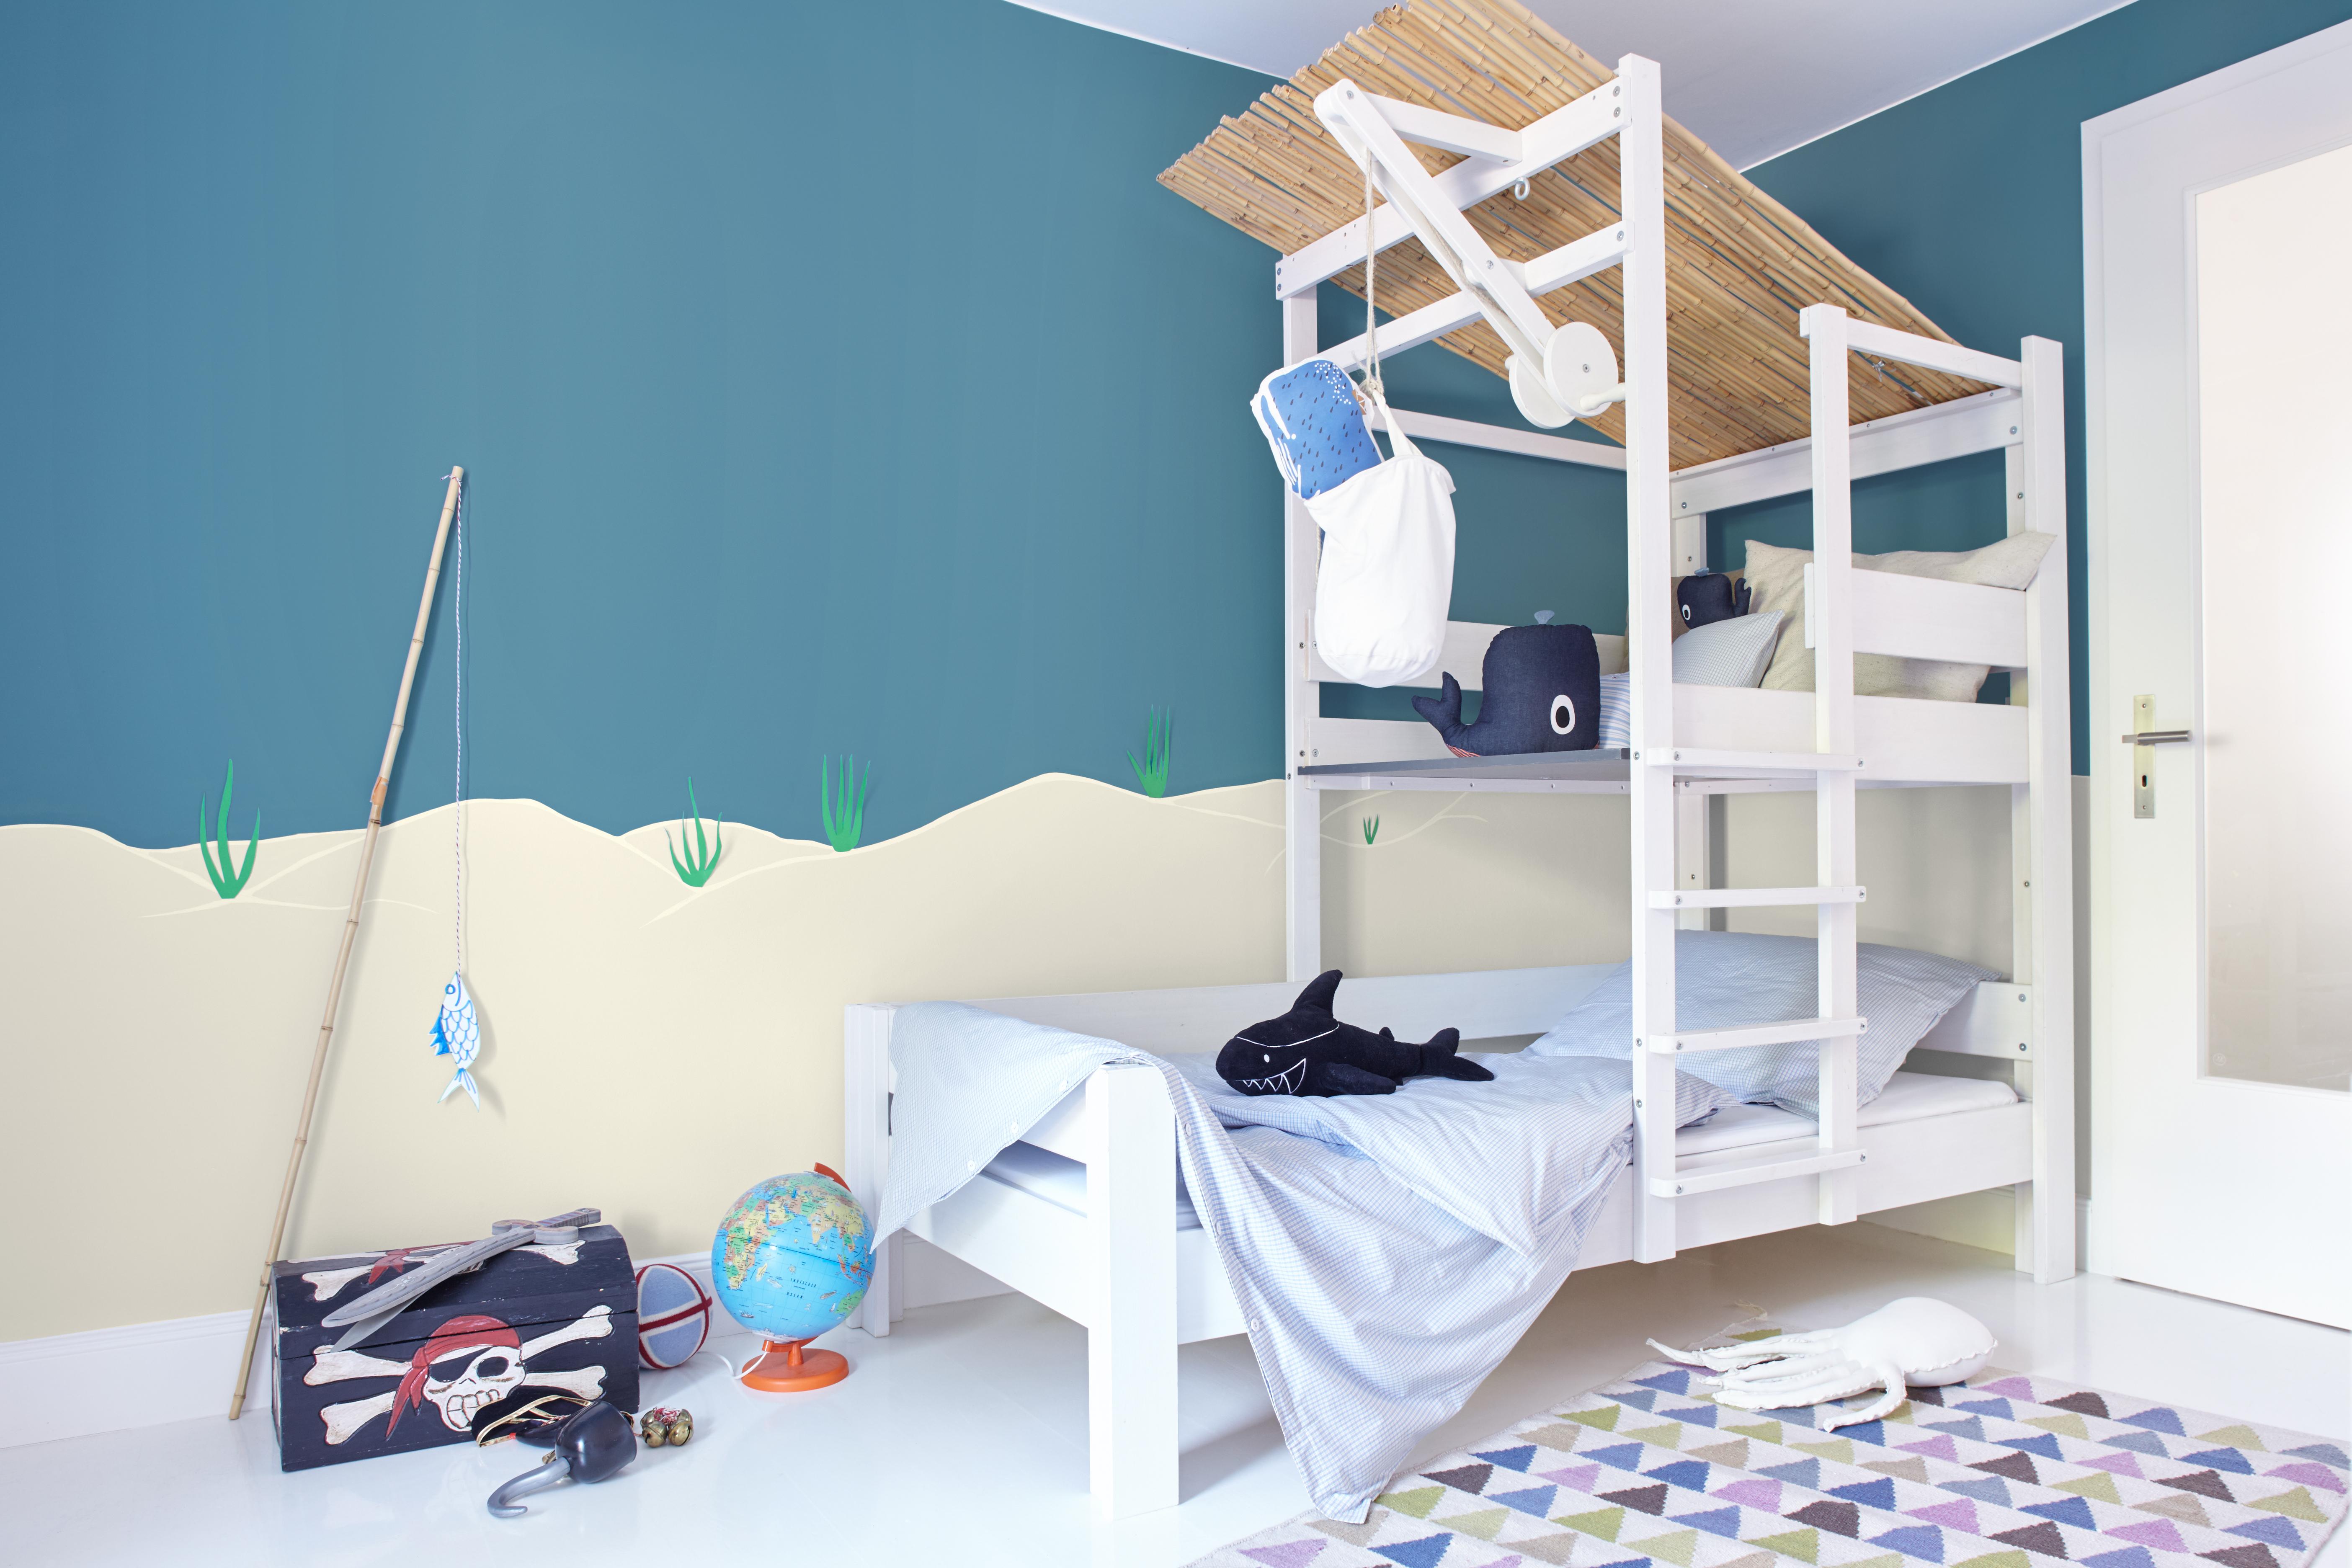 Modernes Jungen Kinderzimmer In Weiß Und Blau Mit Fisch Und Piraten Thema  Mit Alpina Farbenfreunde Farbe